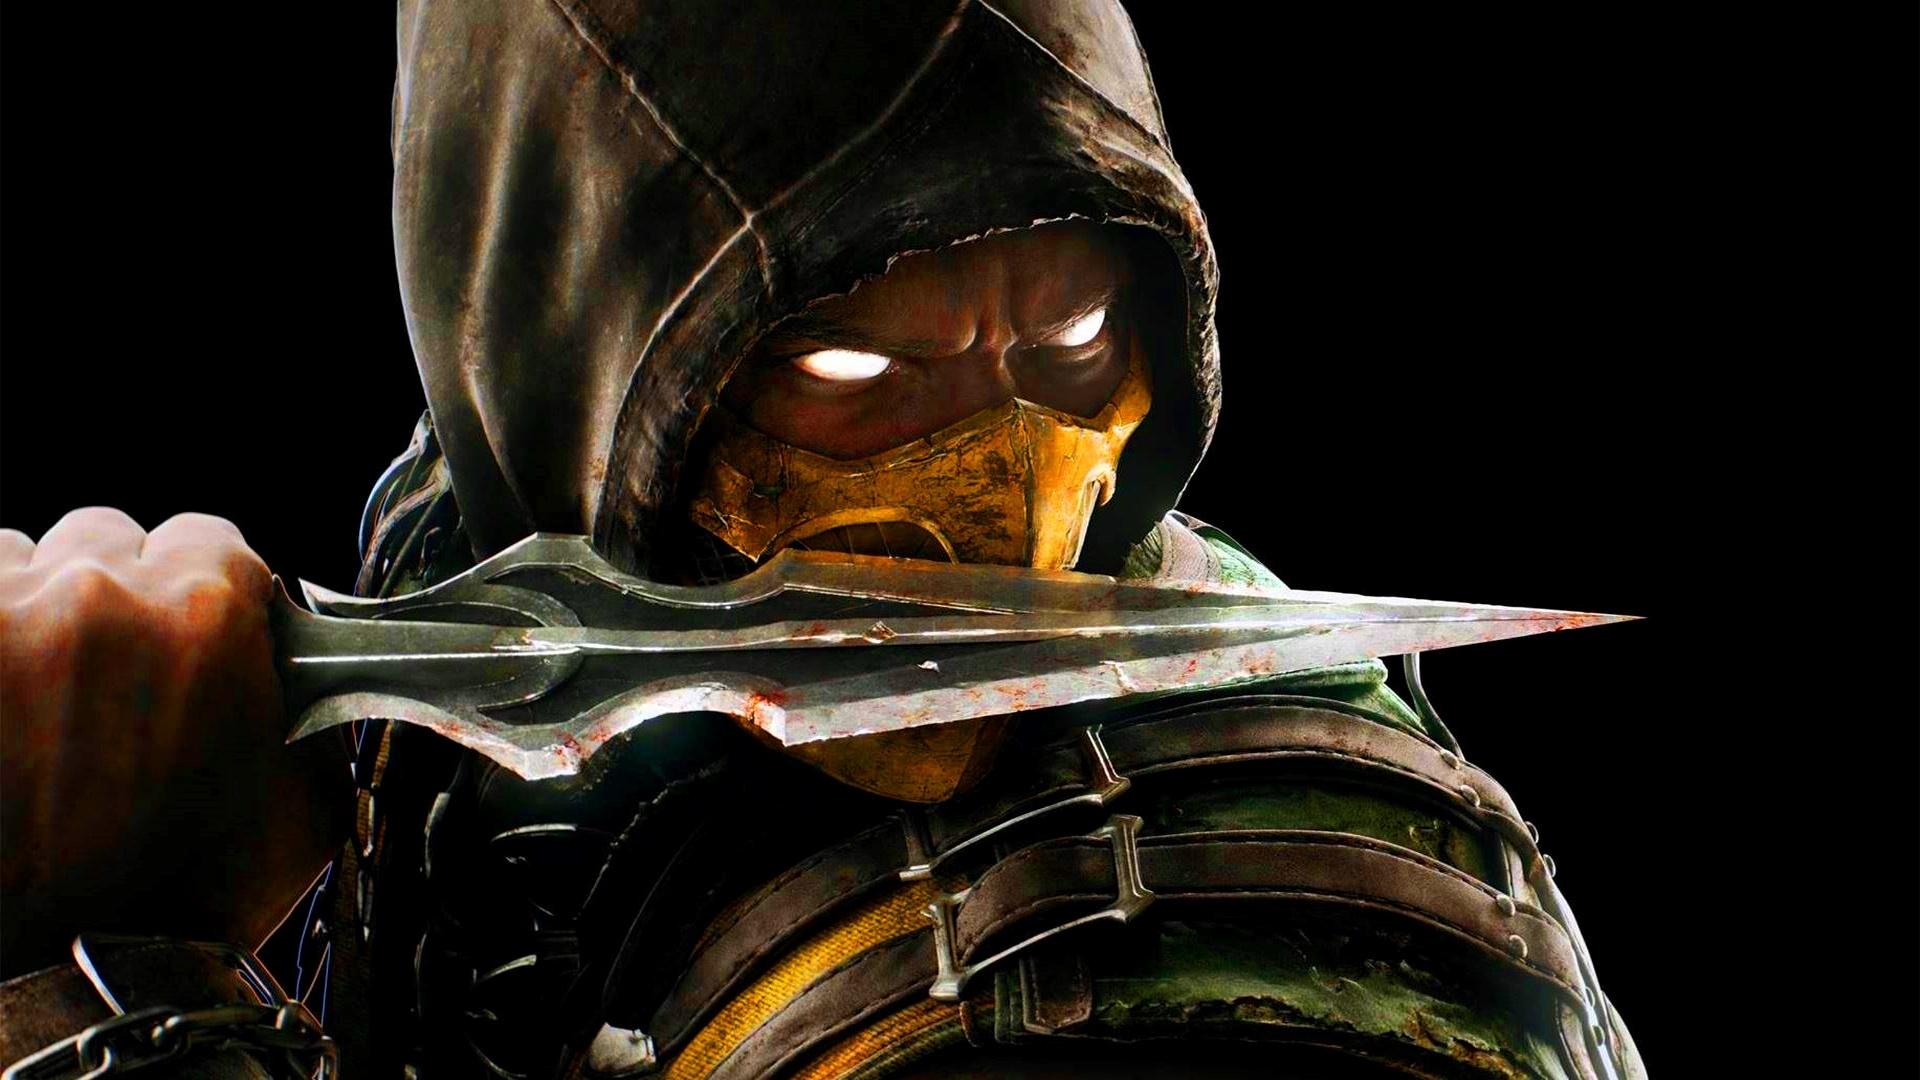 Mortal Kombat X Scorpion With Knife 1920 x 1080 Download Close 1920x1080